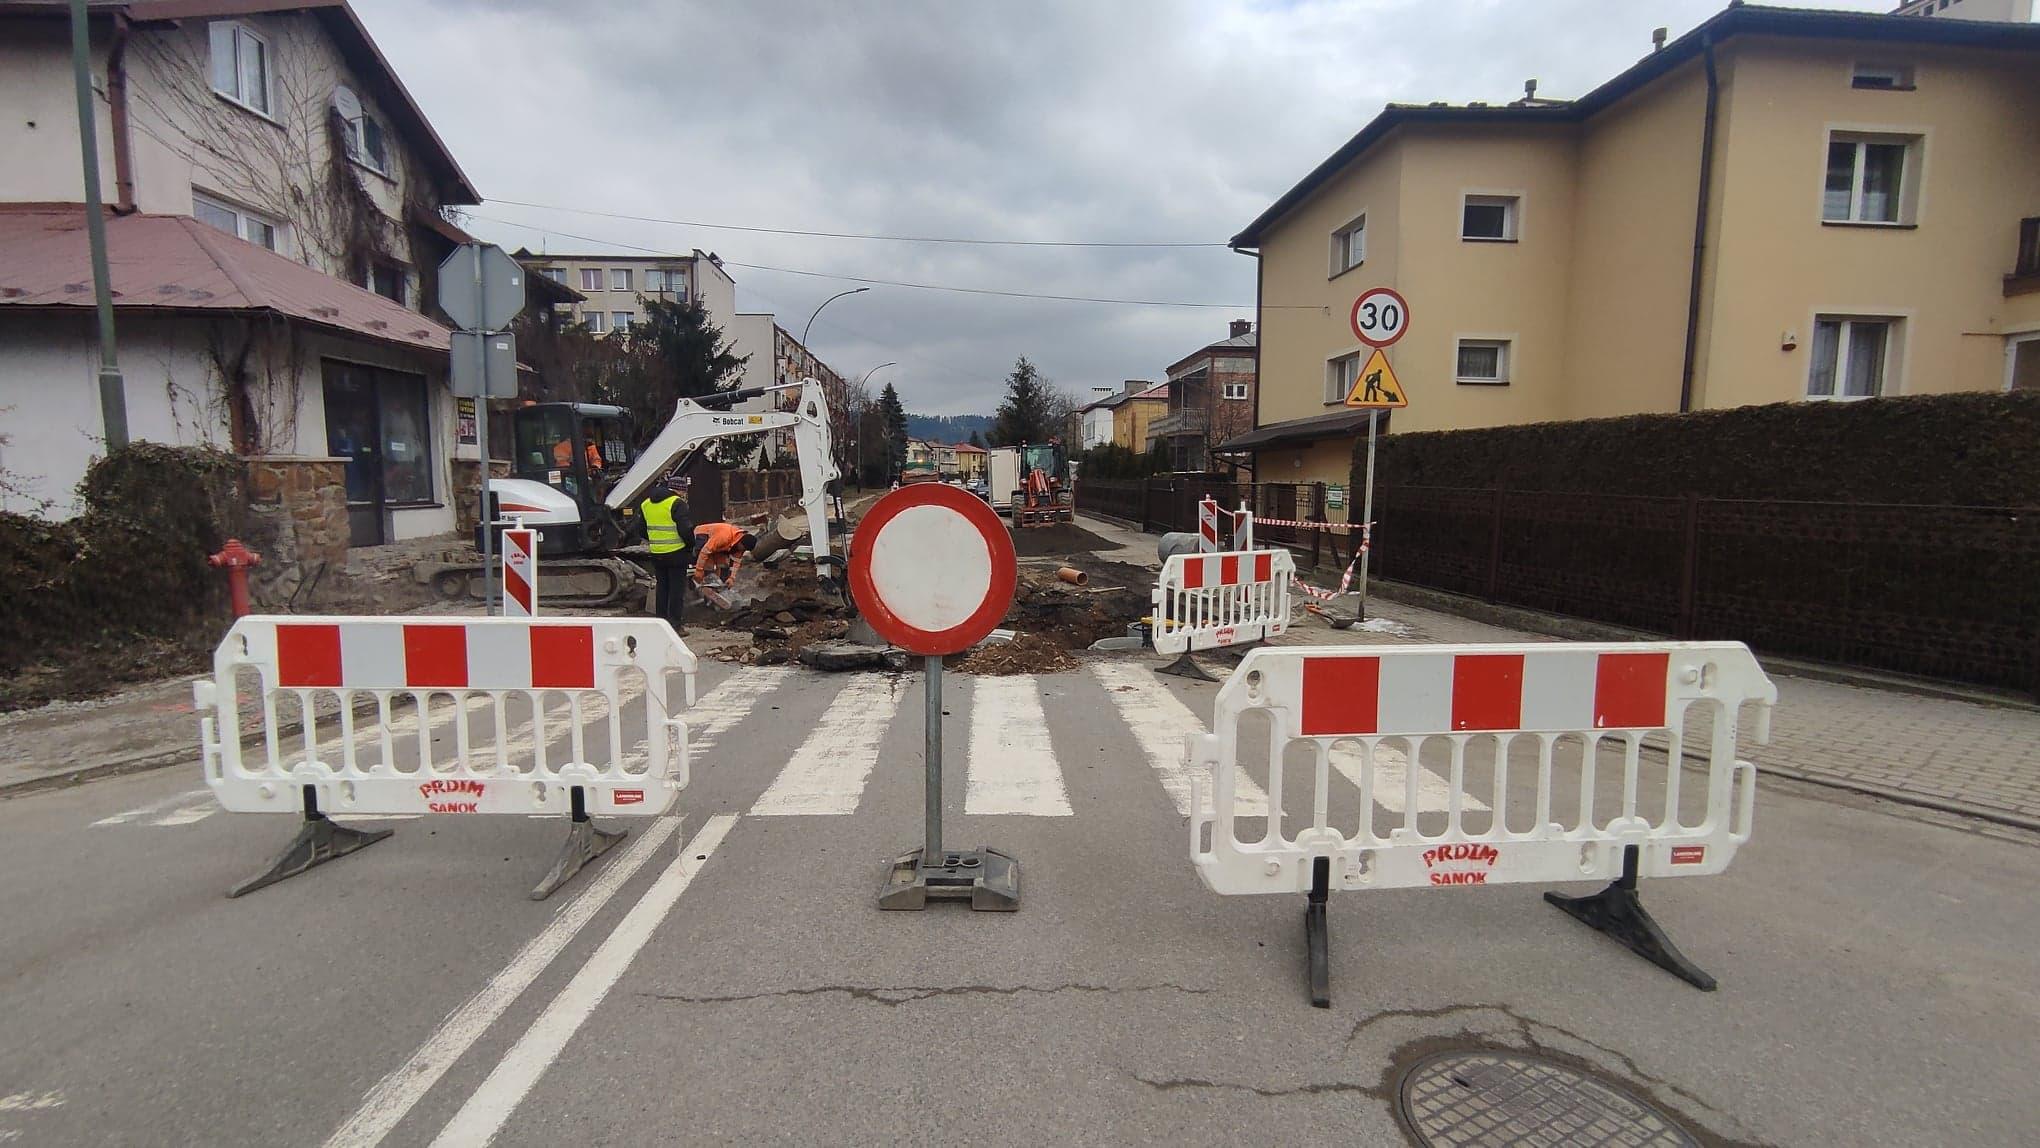 SANOK: Ulica Sadowa zamknięta. Trwają prace remontowe [ZDJĘCIA+WIDEO] - Zdjęcie główne